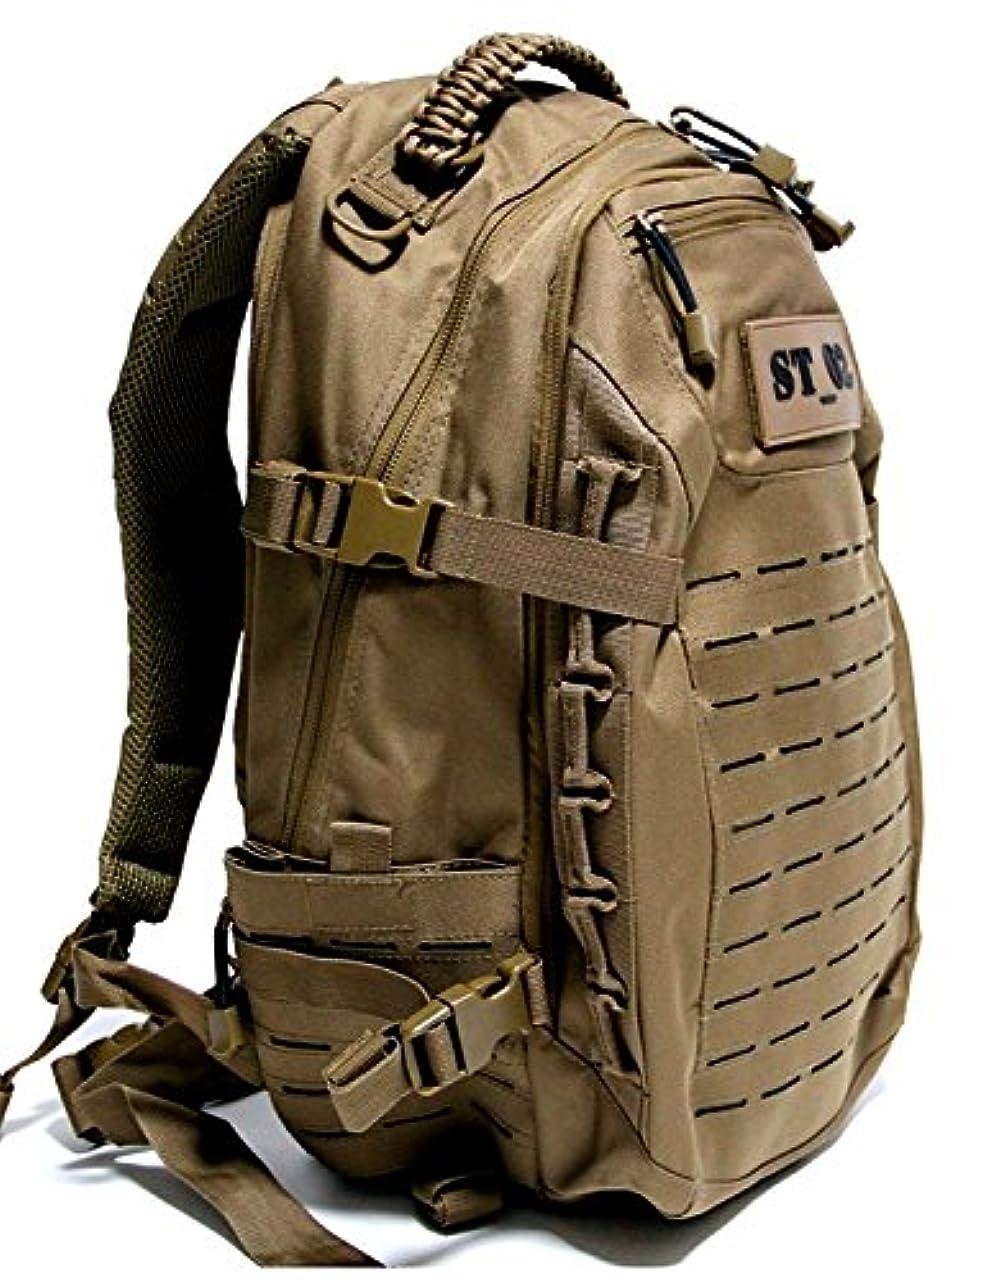 鉱夫ラベ遅らせる101INC ミリタリー コンバット リュック CORDURA ST_02 / 25L バックパック 鞄